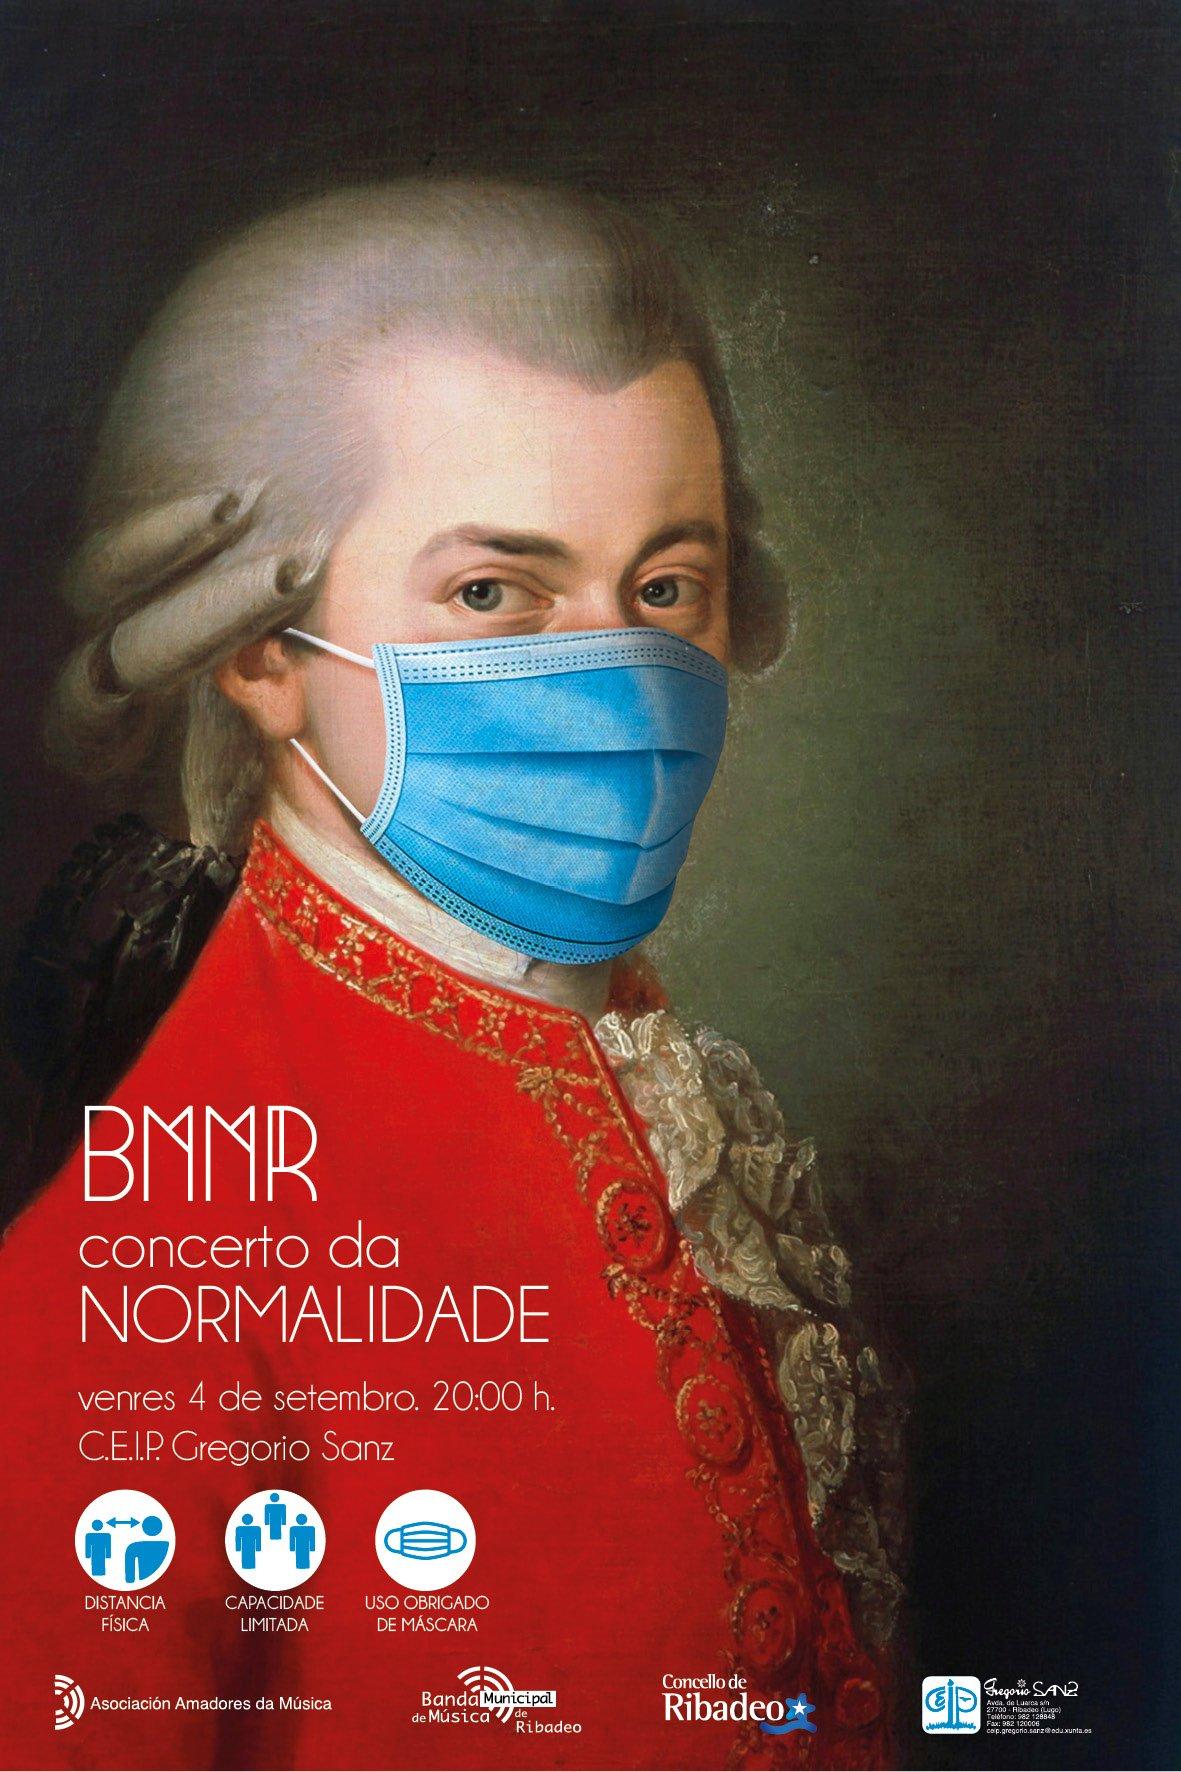 La Banda Municipal de Música de Ribadeo ofrecerá su primer concierto del año este viernes